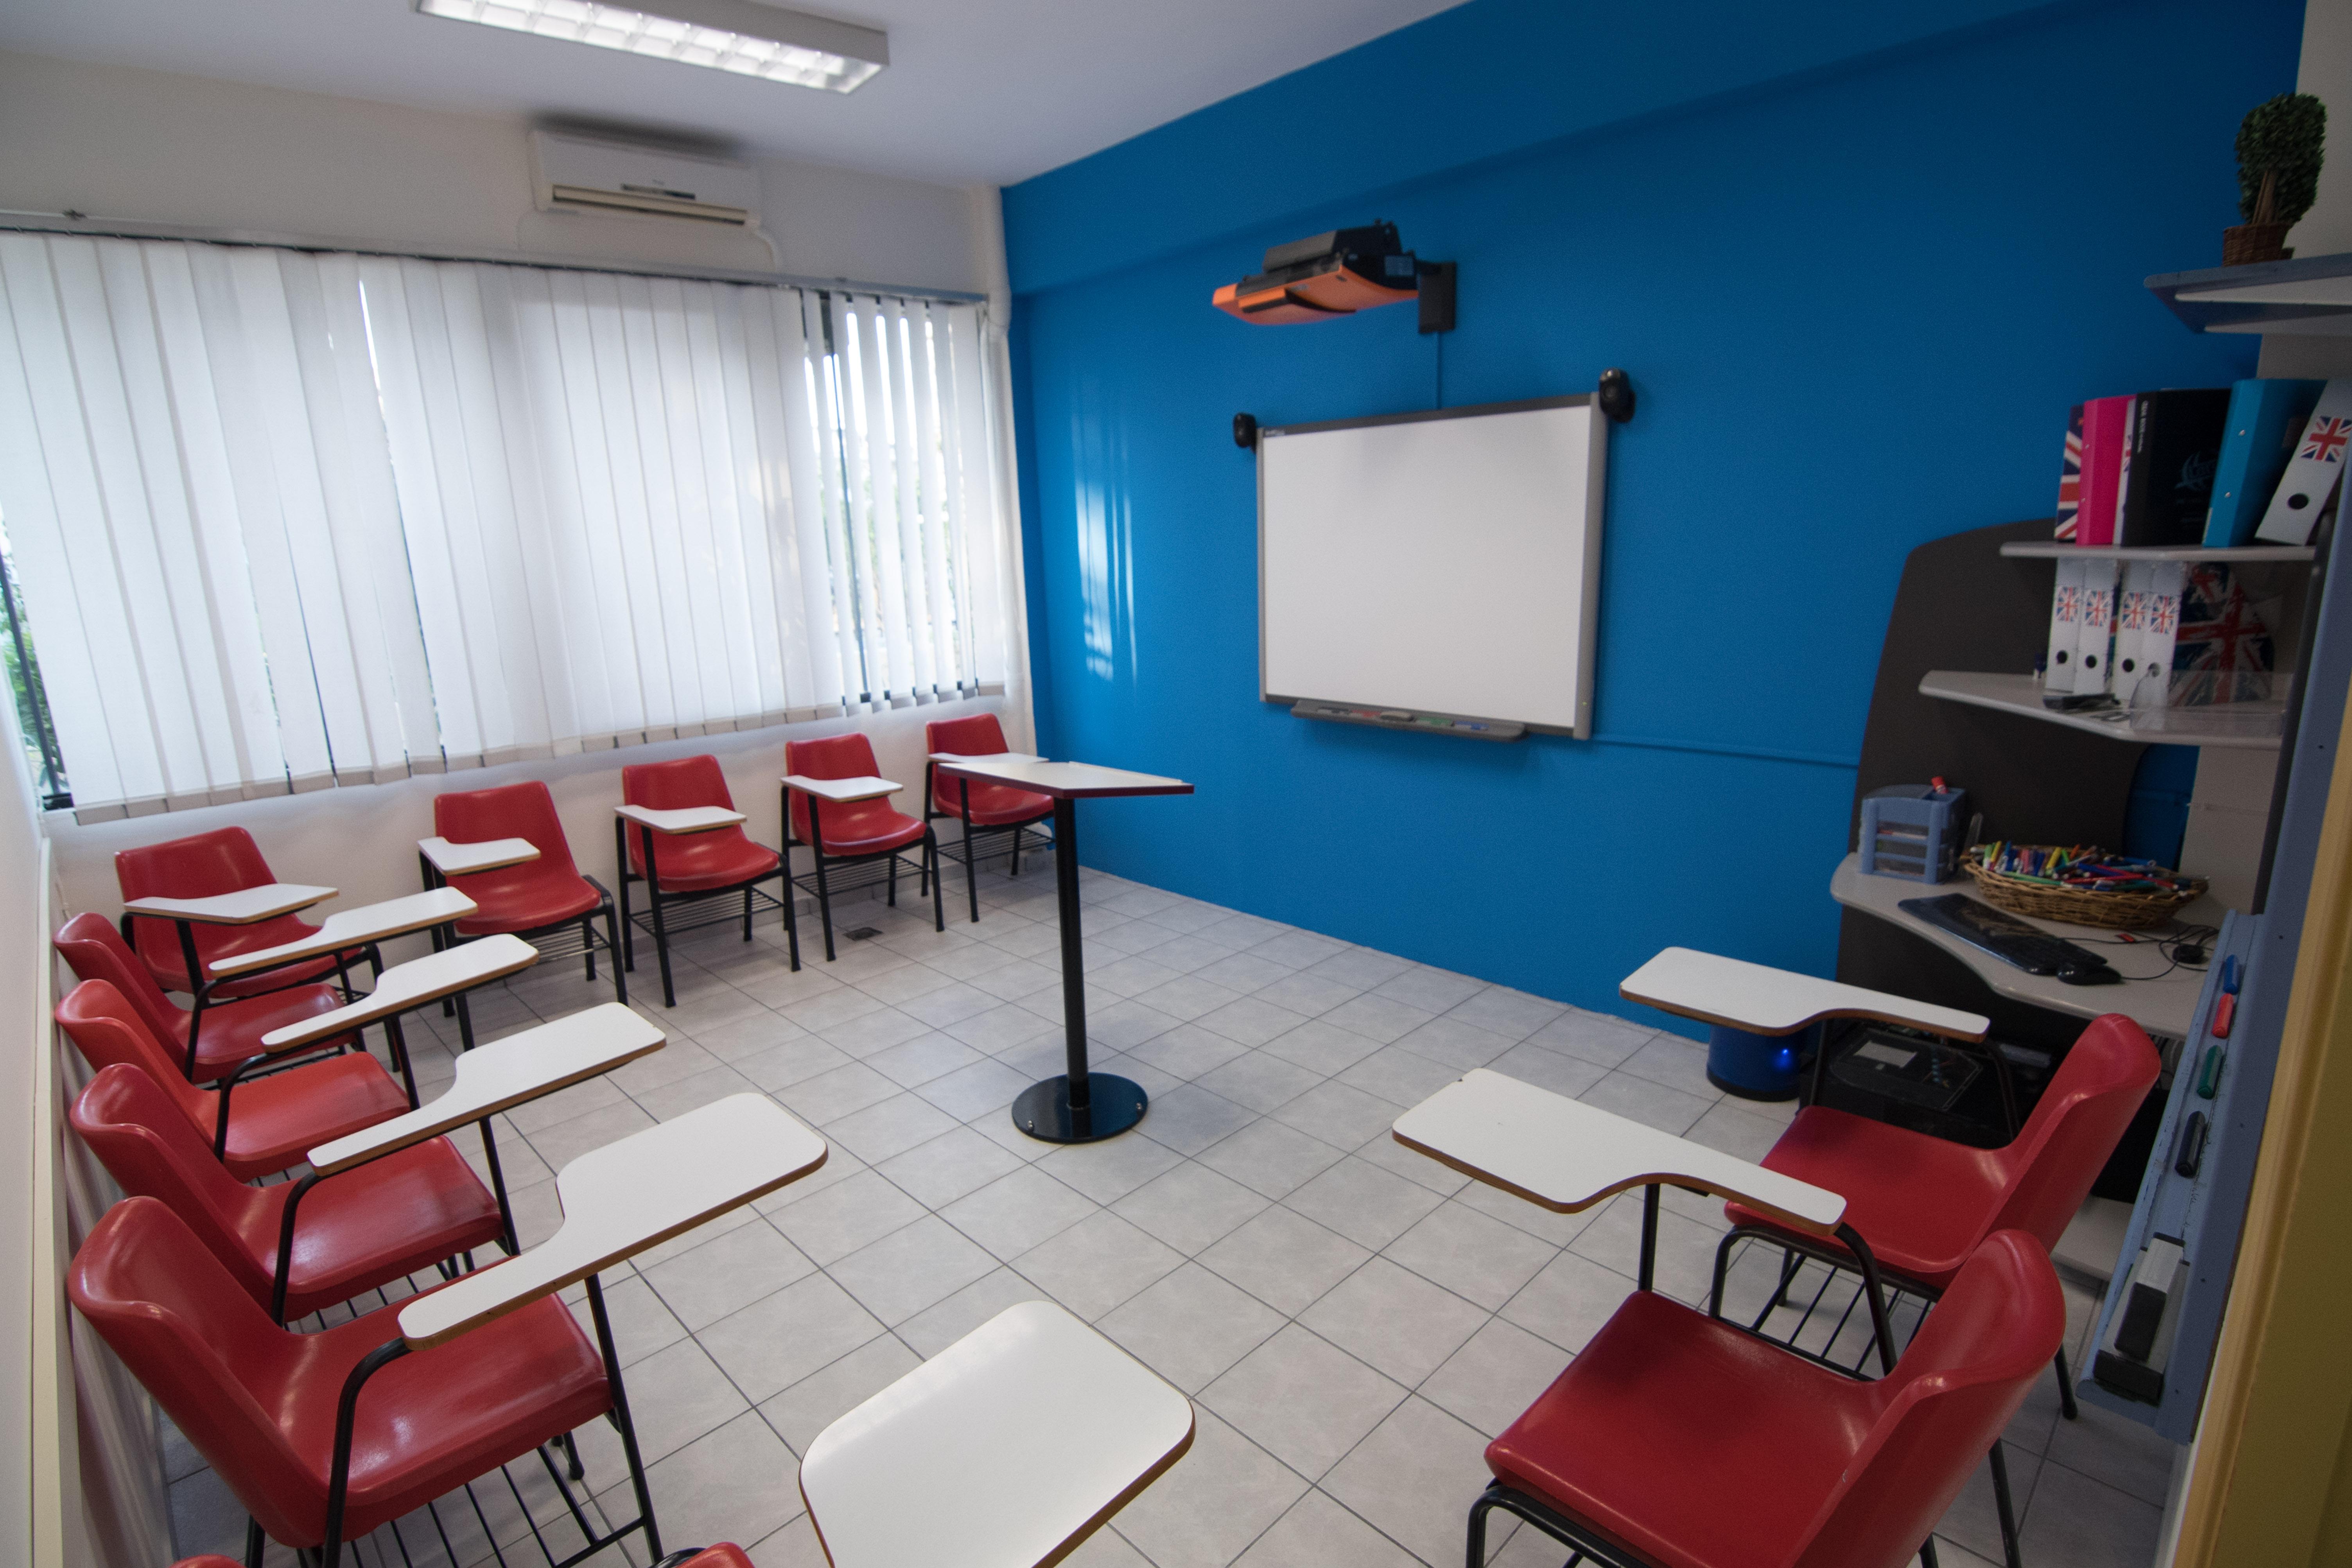 Αίθουσα 2 κεντρικού σχολείου